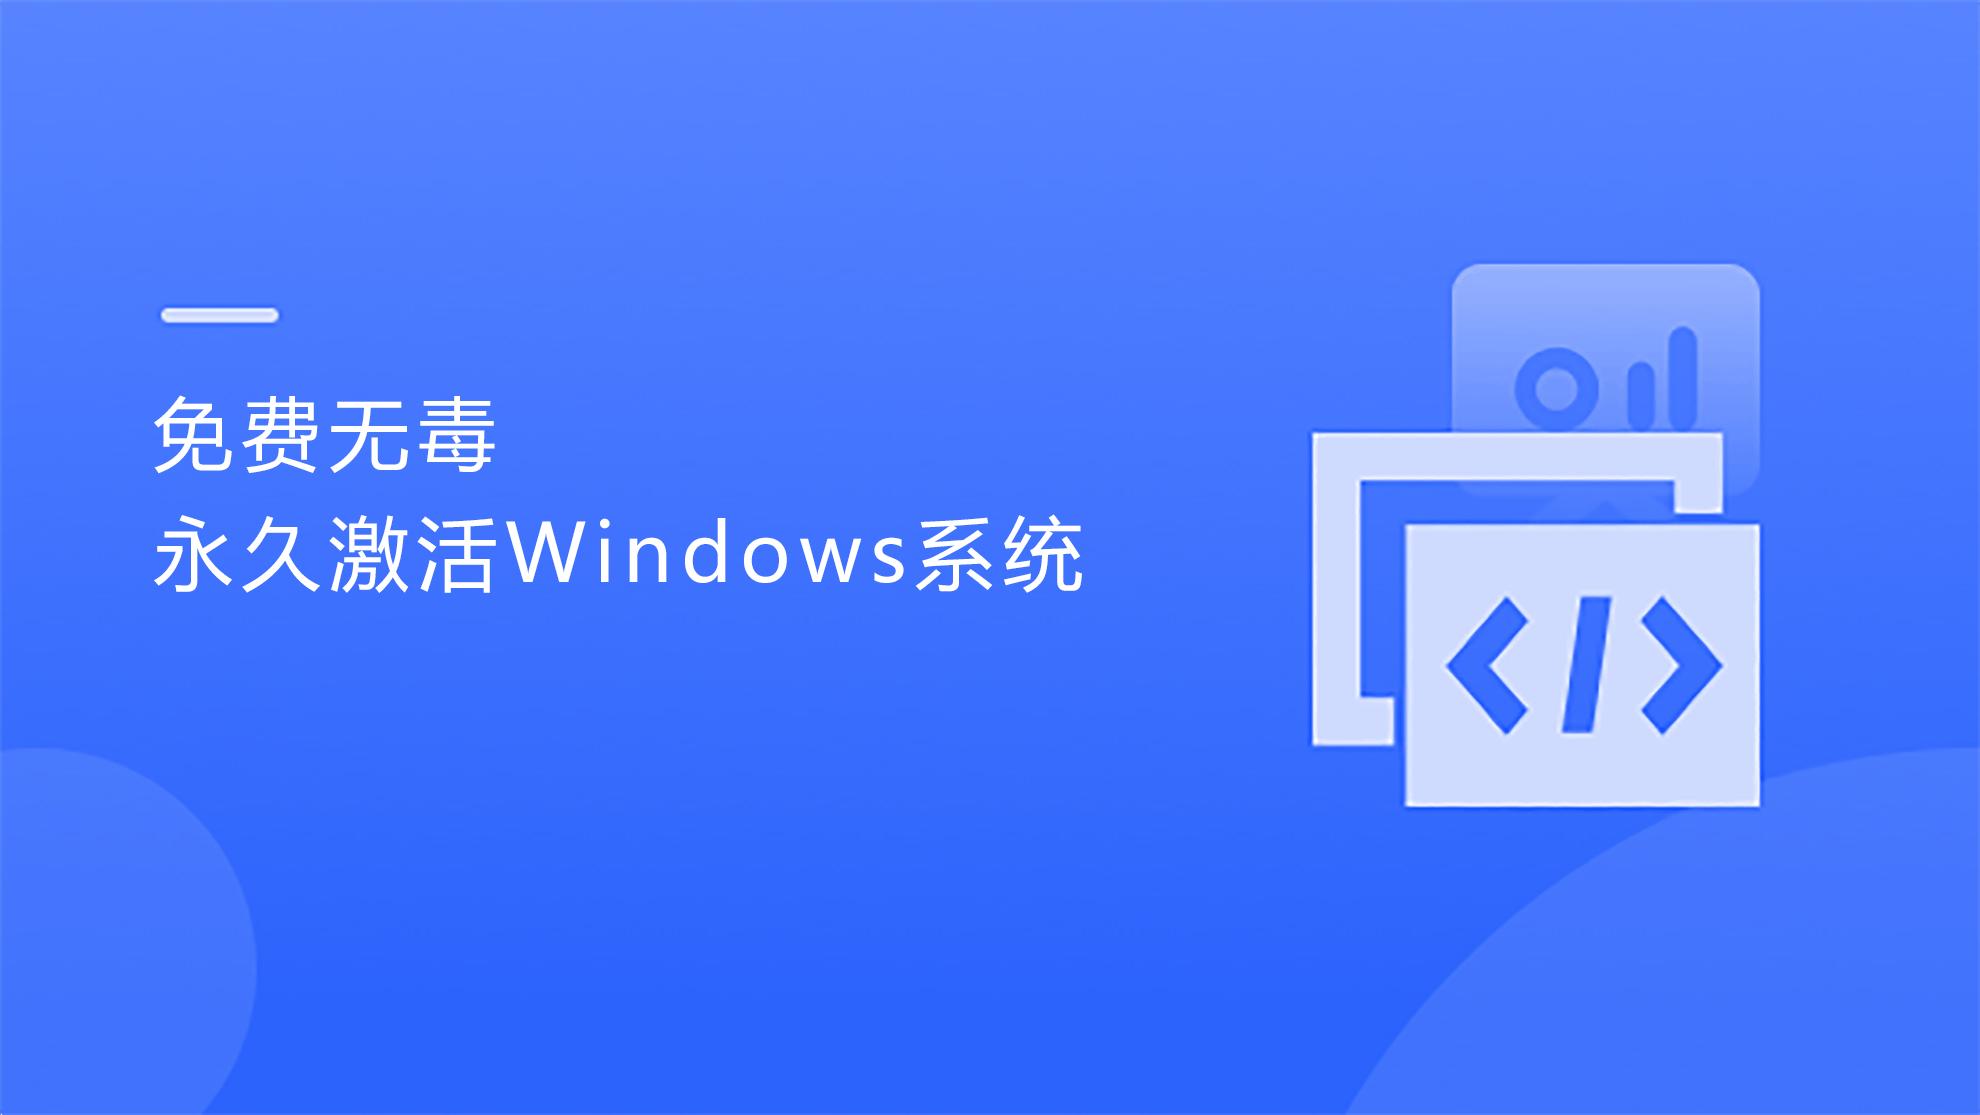 倾情分享,免费获取激活密钥永久激活Windows,告别有毒激活工具